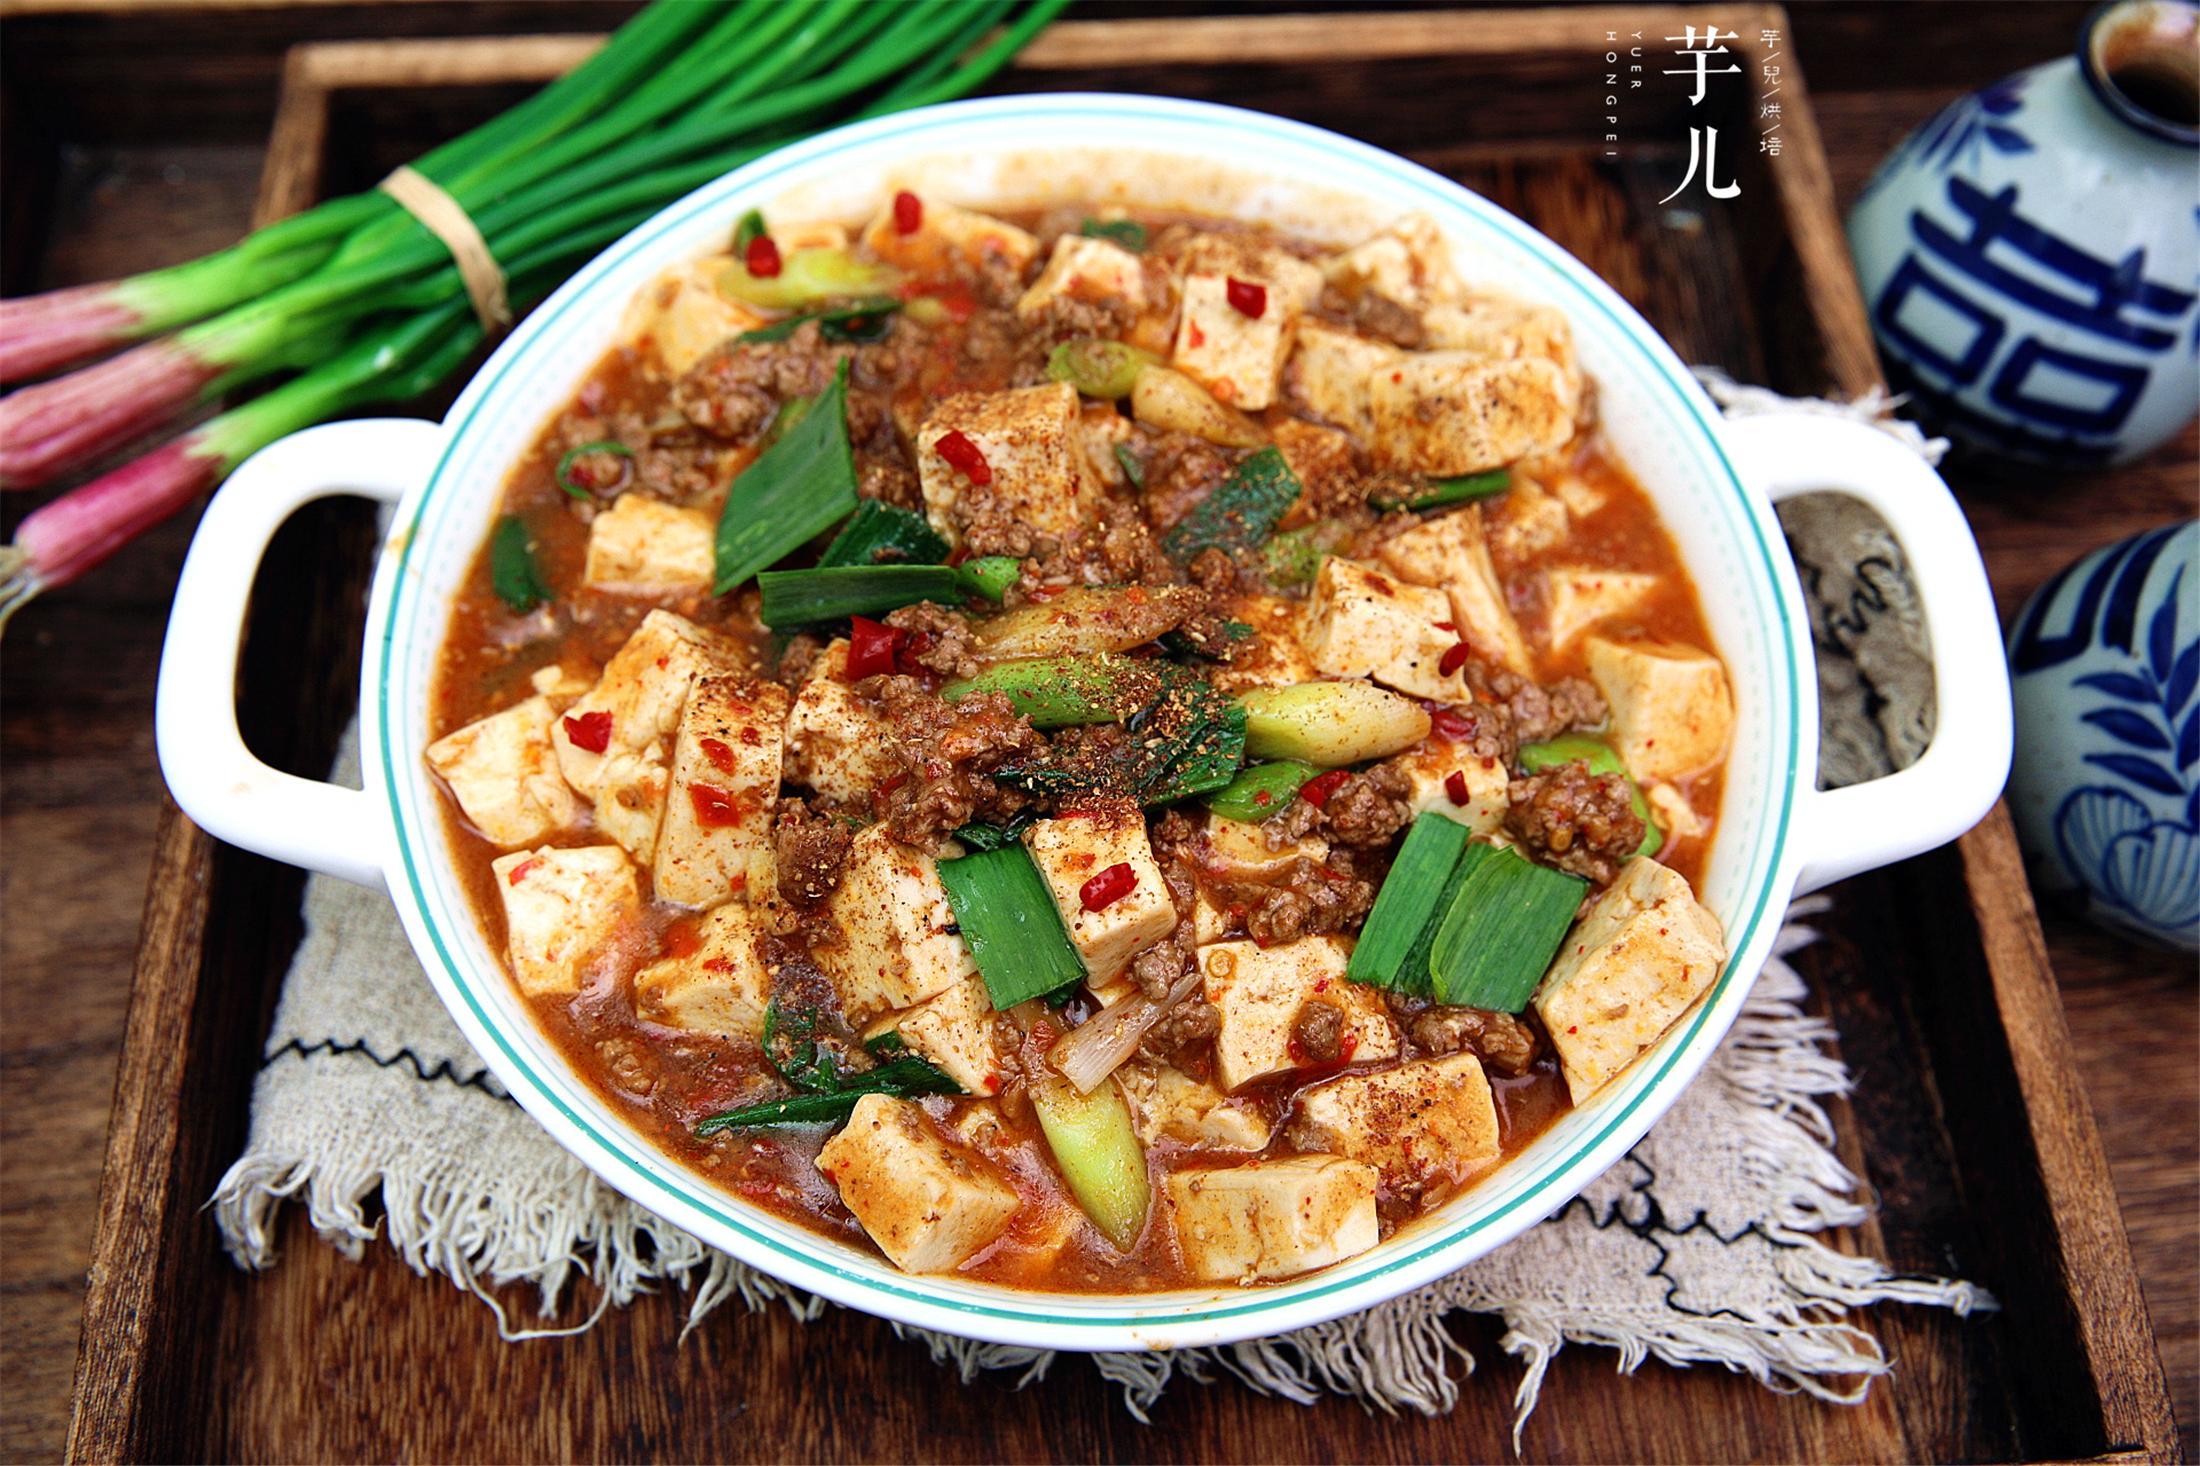 麻婆豆腐的家常做法,色泽红亮,豆腐嫩滑不碎,简单美味特下饭